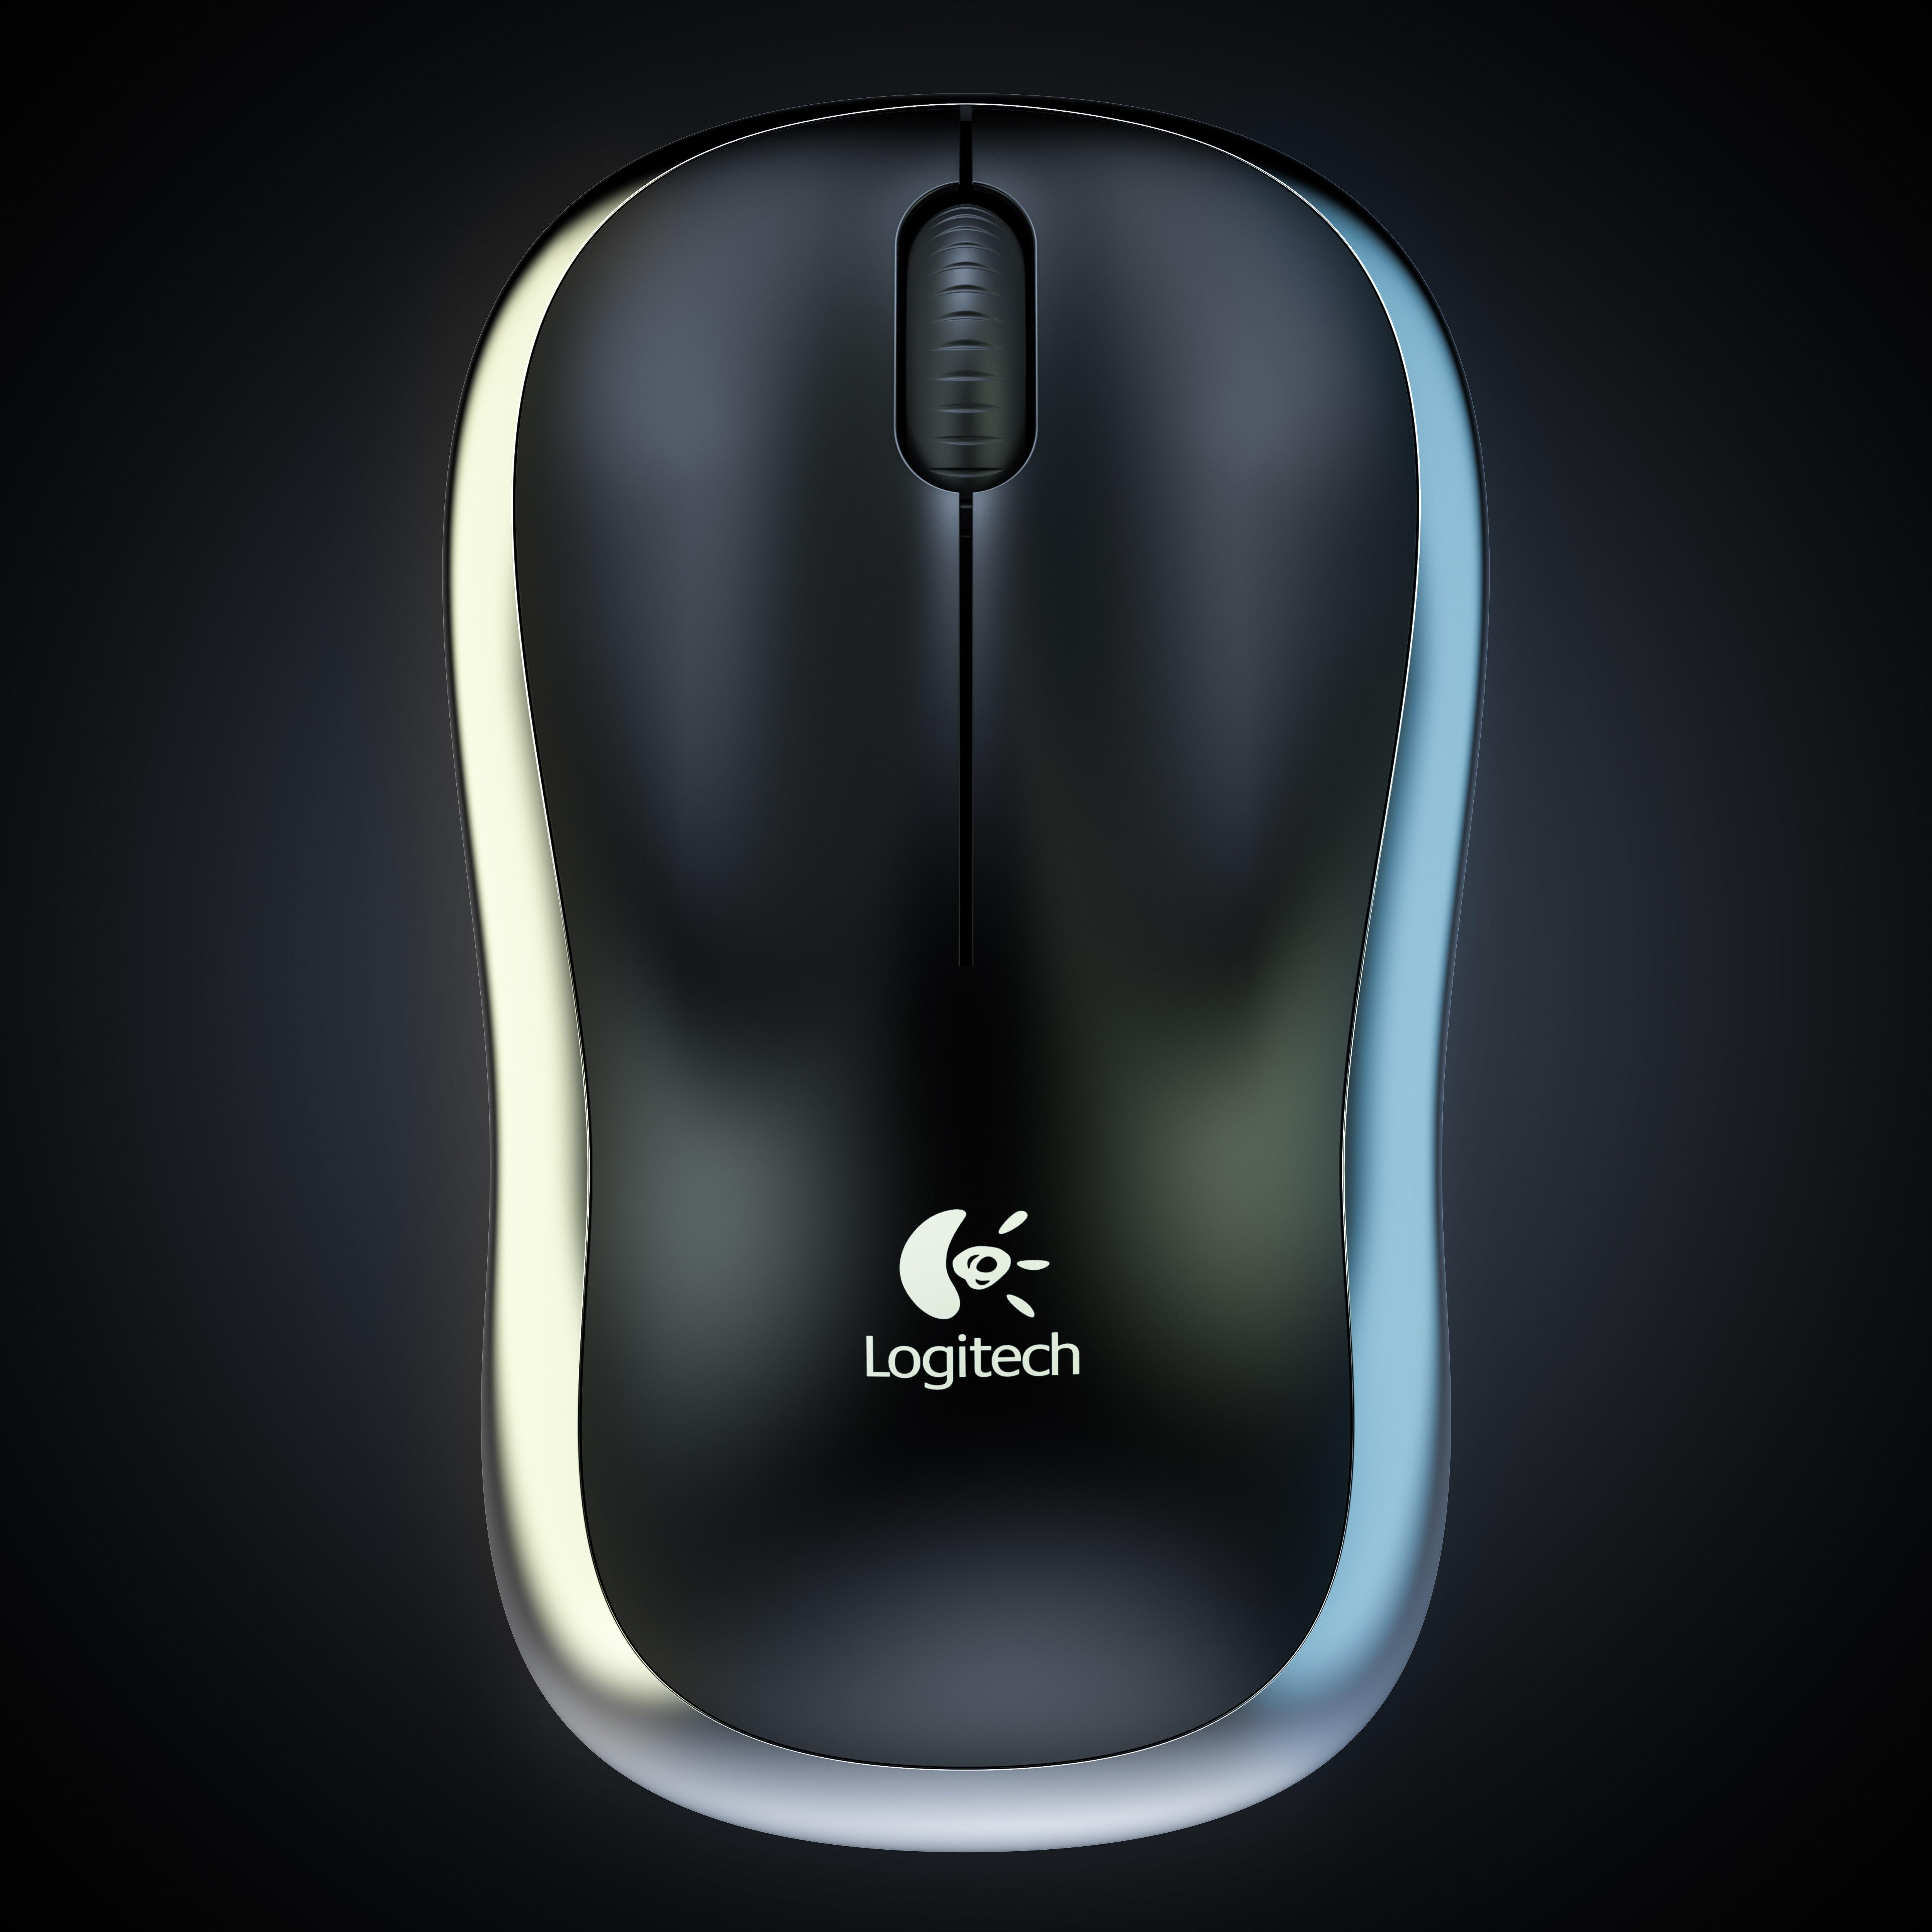 mouse solidworks 3d obj